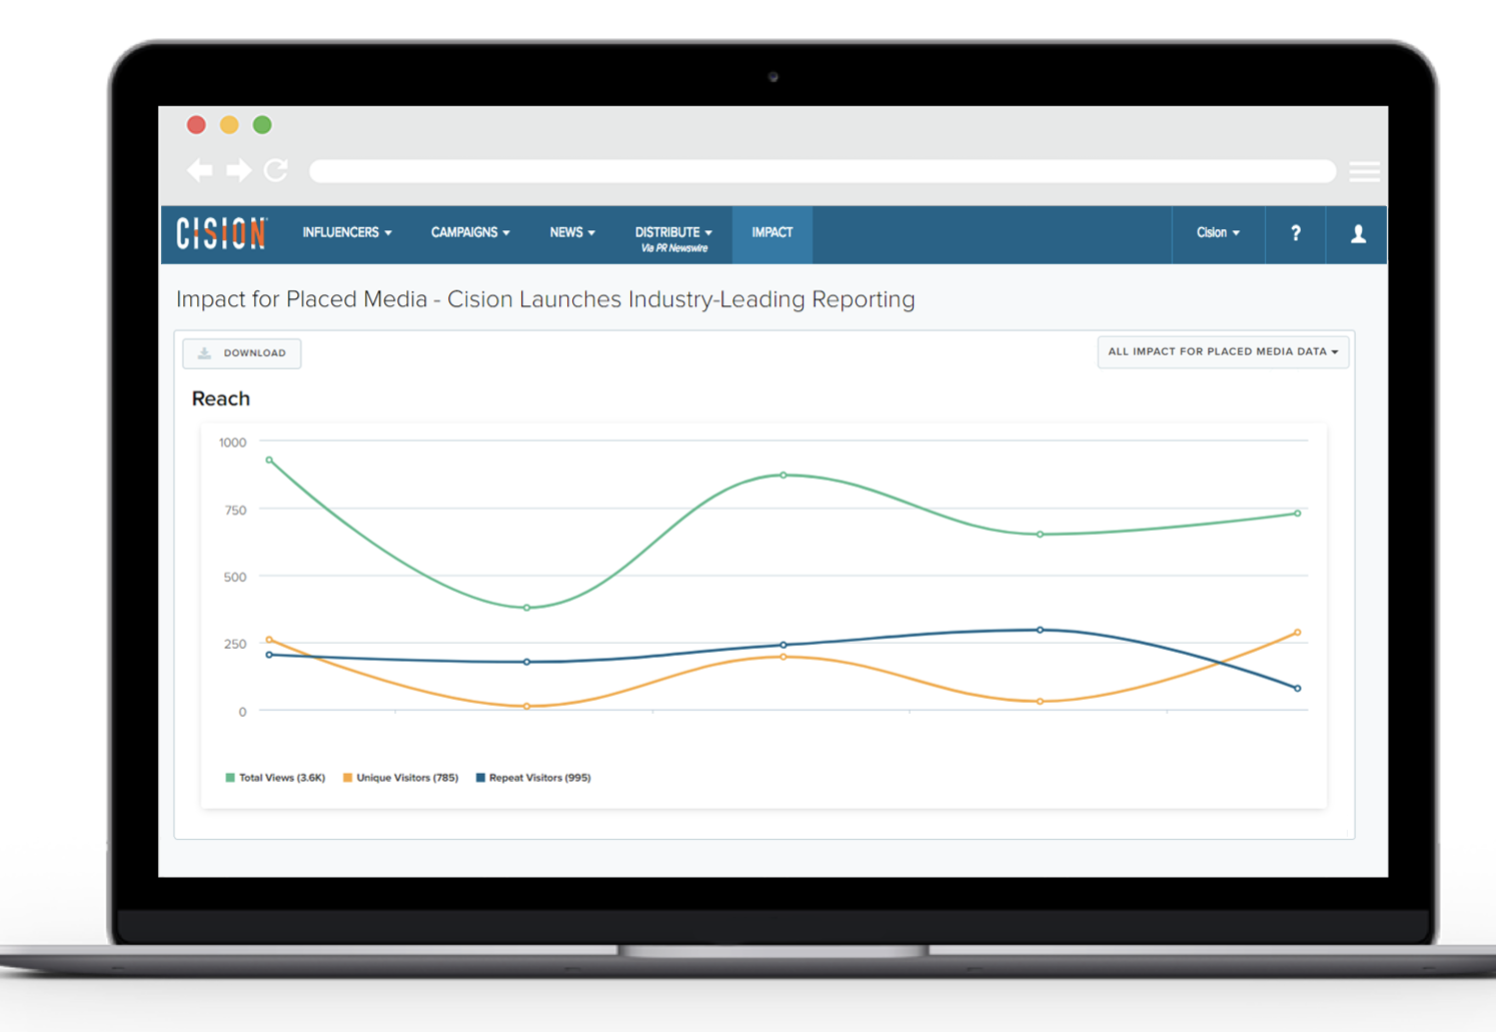 Exemple de logiciel de gestion de la réputation de cision graphique de mesure de l'impact sur l'entreprise